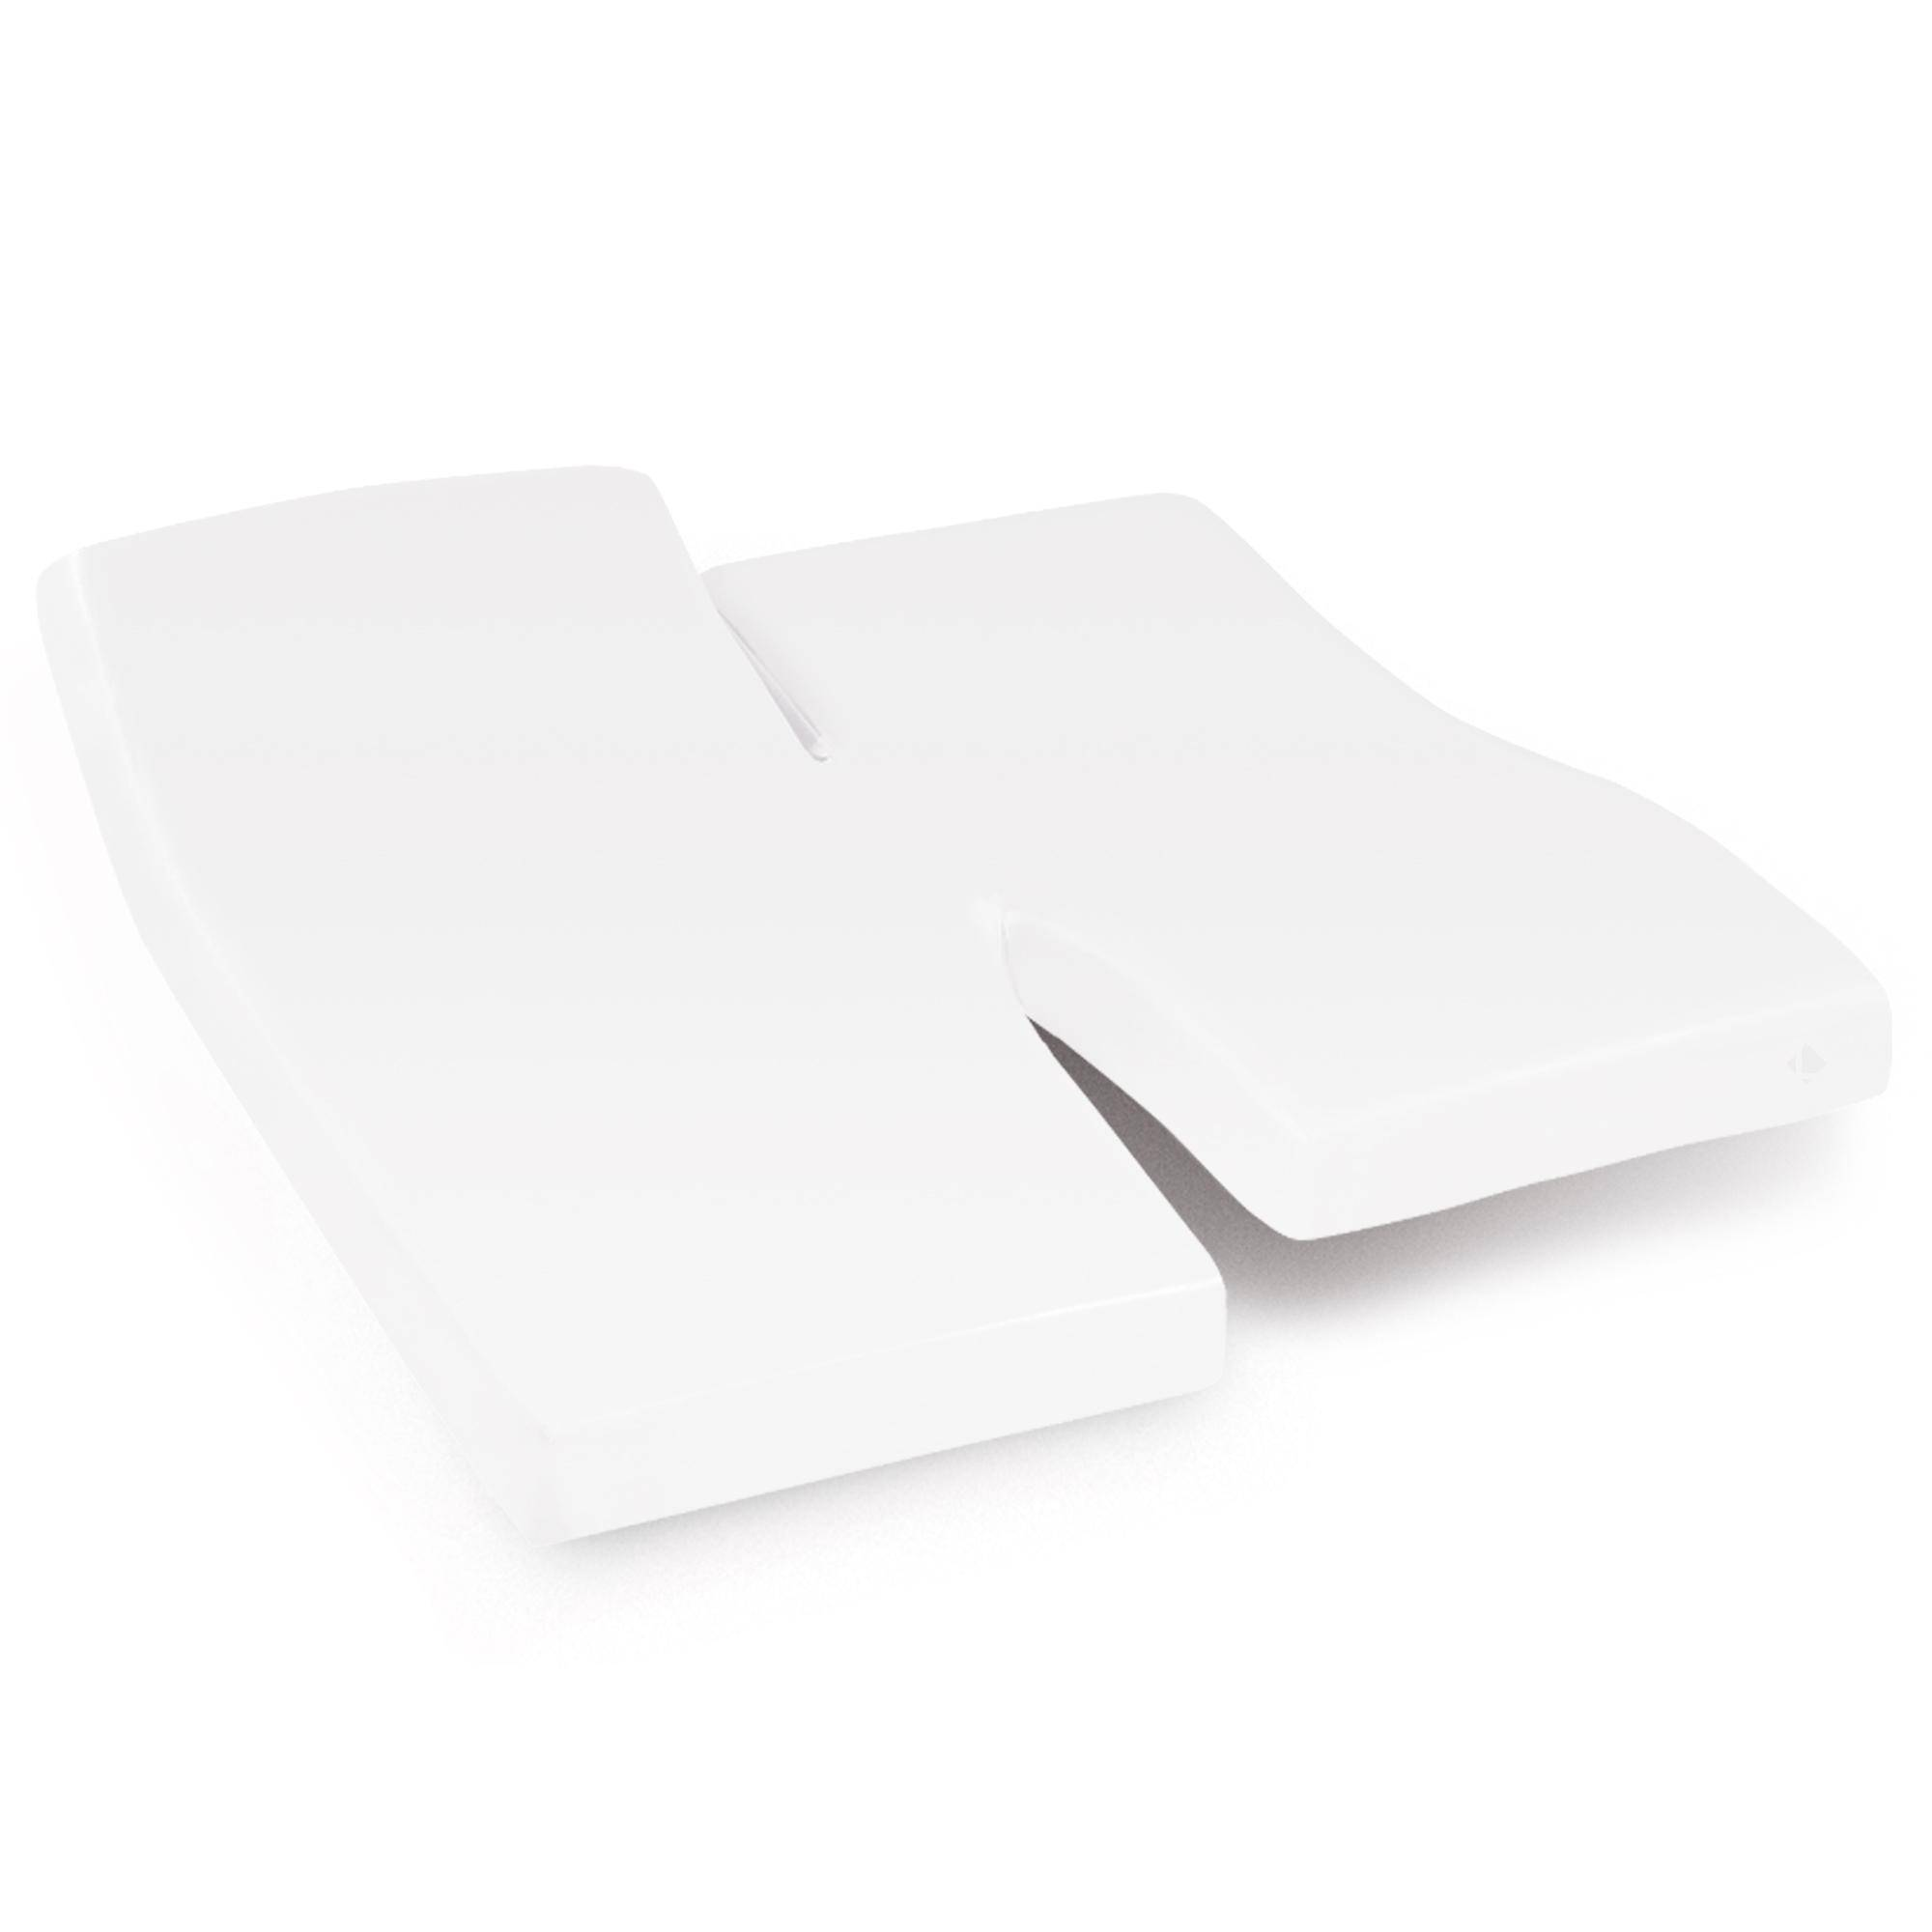 Linnea Protège matelas imperméable 2x80x220 cm lit articulé TPR bonnet 40cm ARNON molleton 100% coton contrecollé polyuréthane